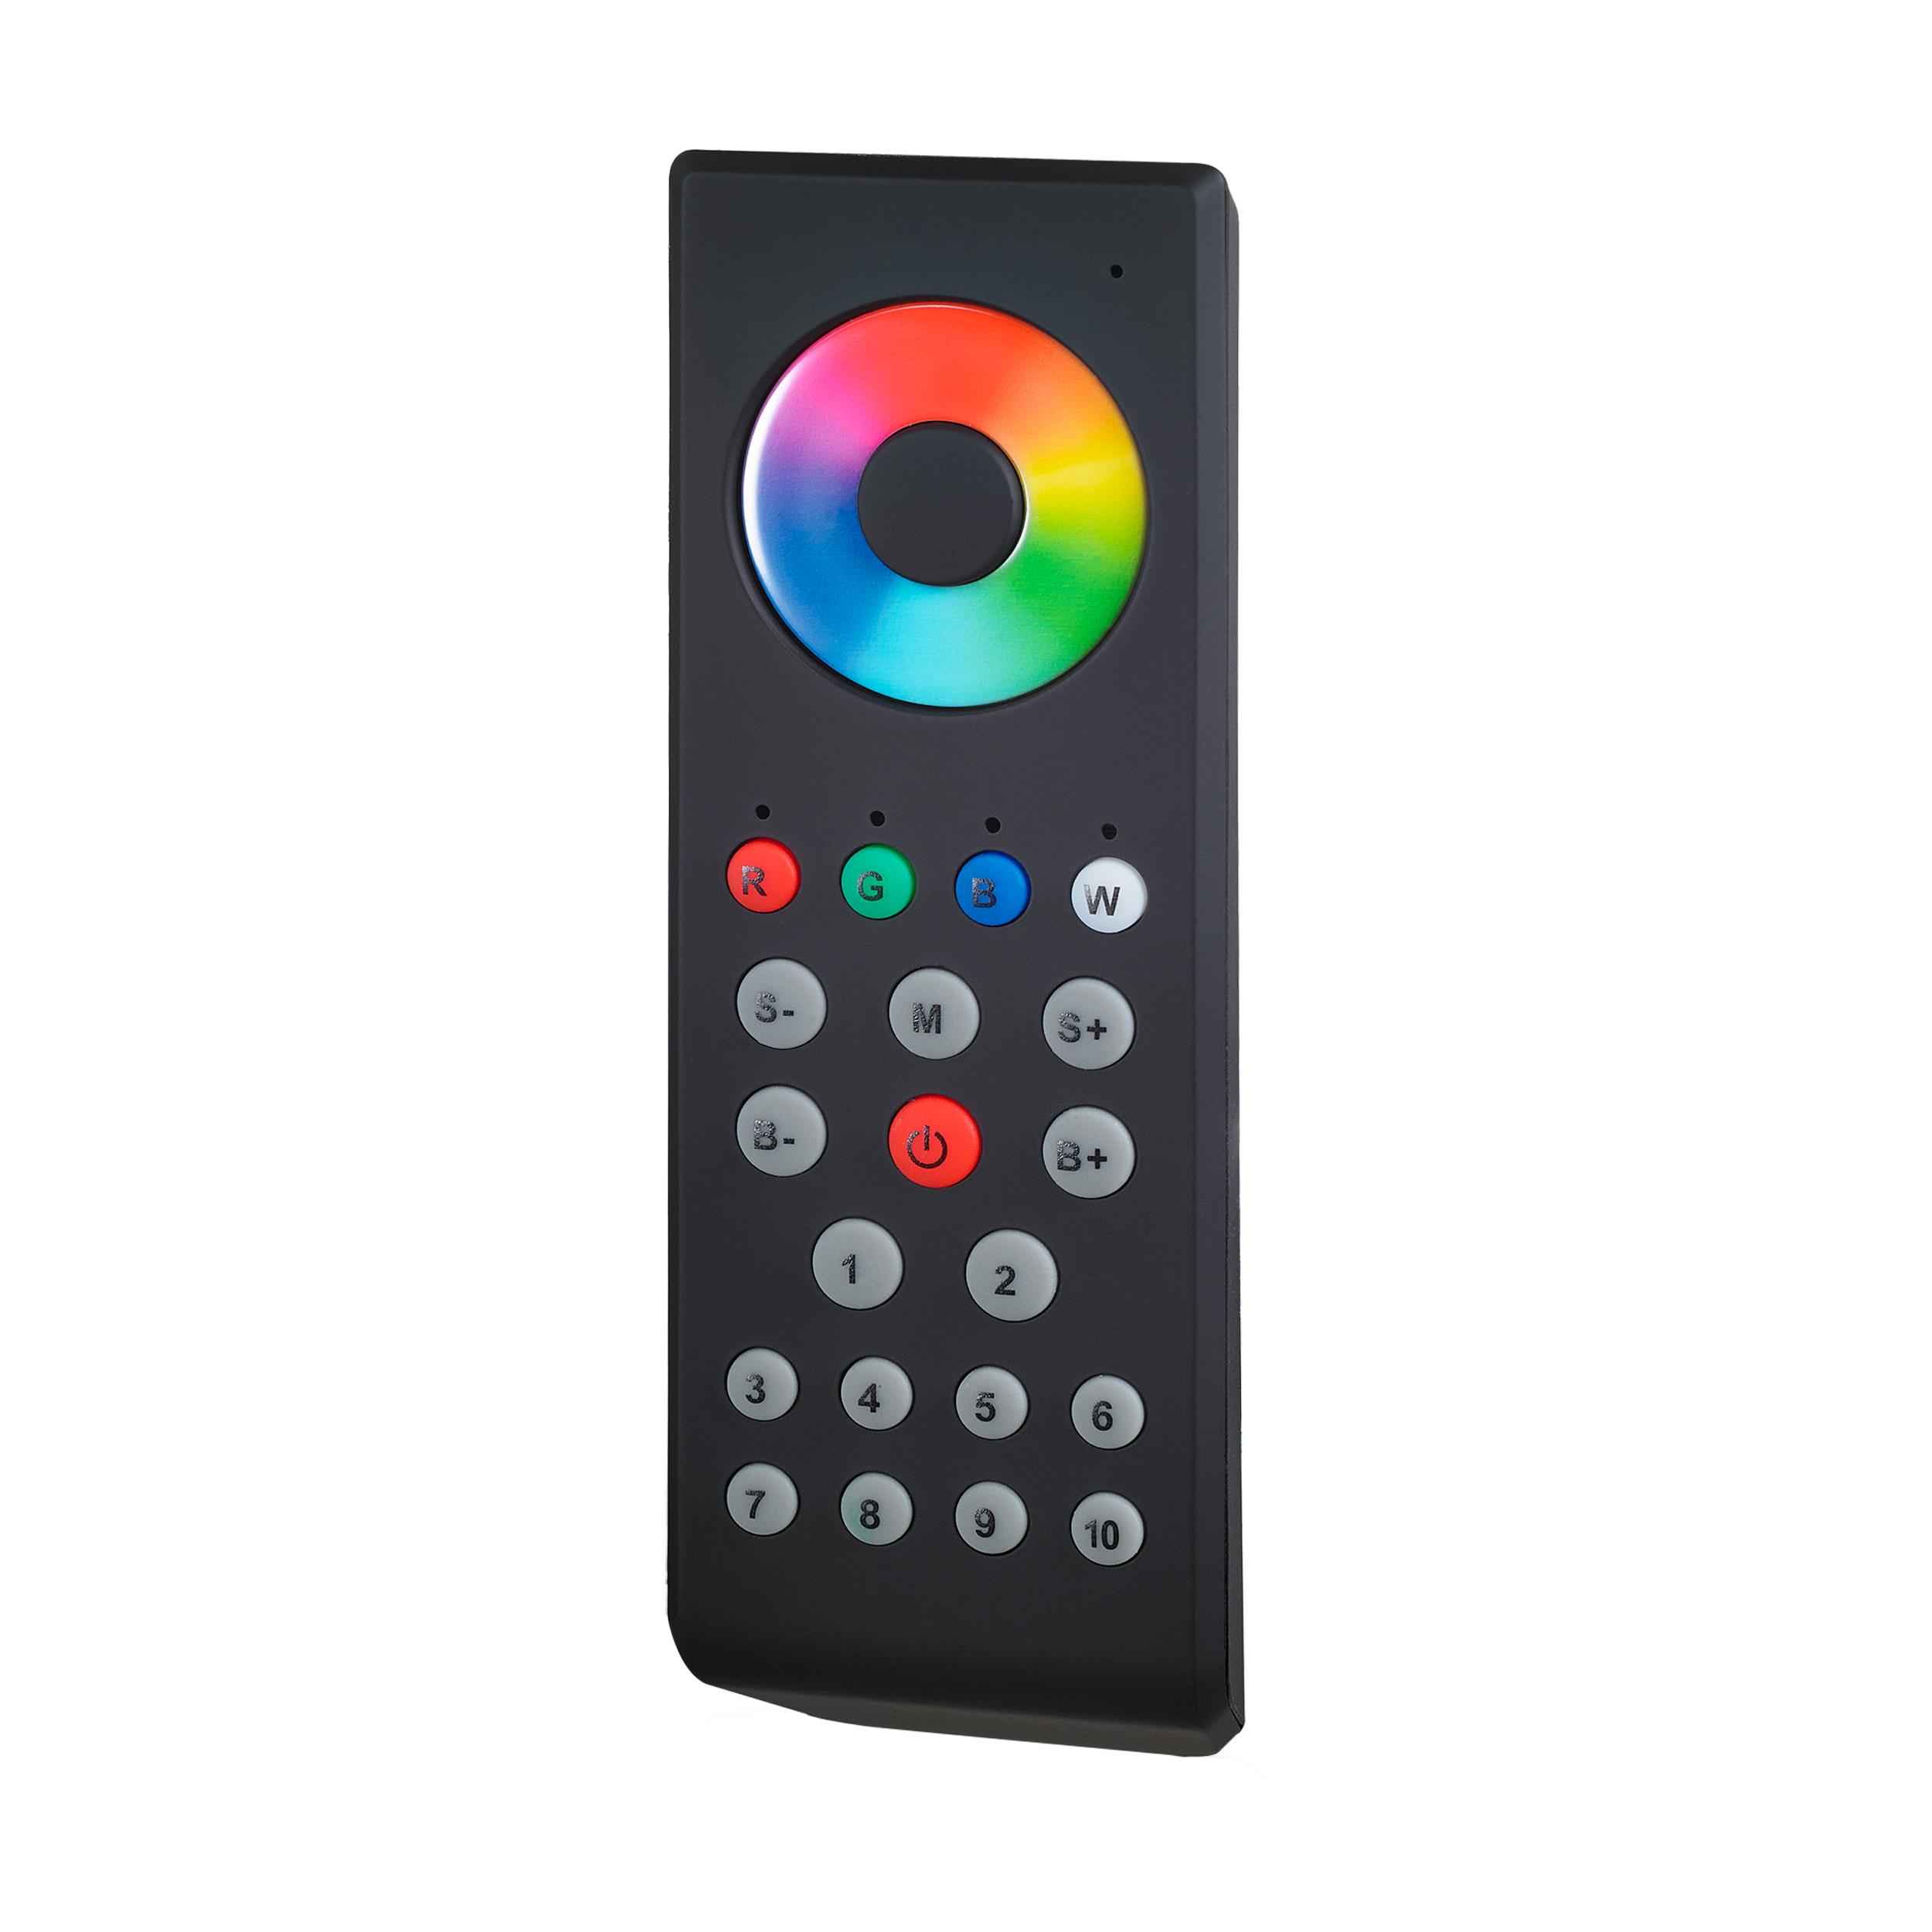 1 Stk LED RF Controller RGBW Fernbedienung 4-Zonen IP20 LI66359---